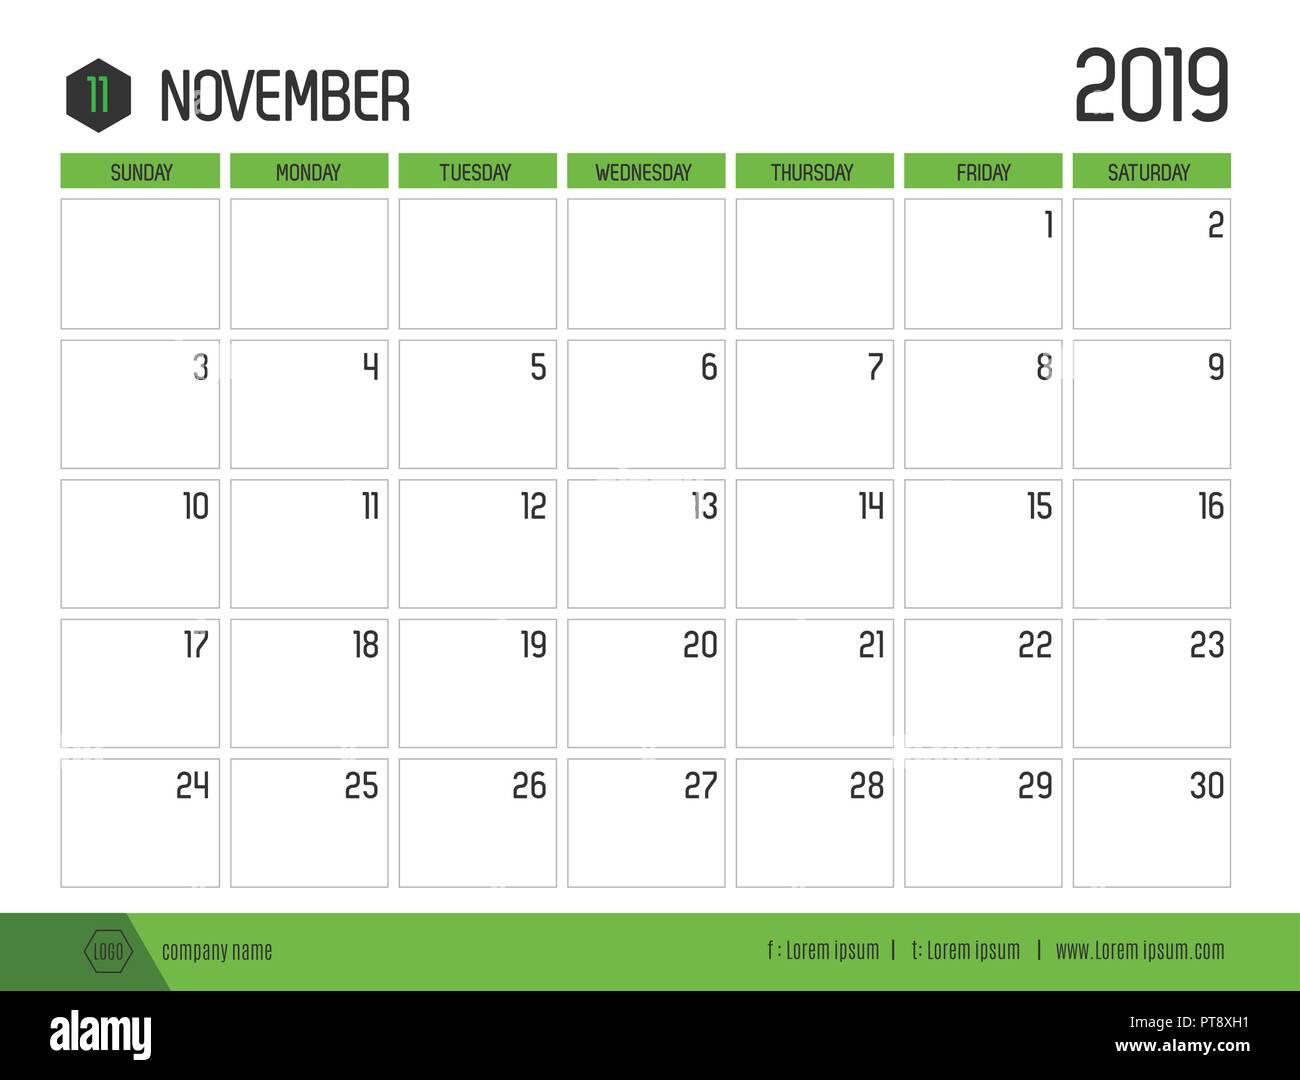 Calendario Noviembre 2019.Vector De Verde Moderno Calendario 2019 Noviembre En Simple